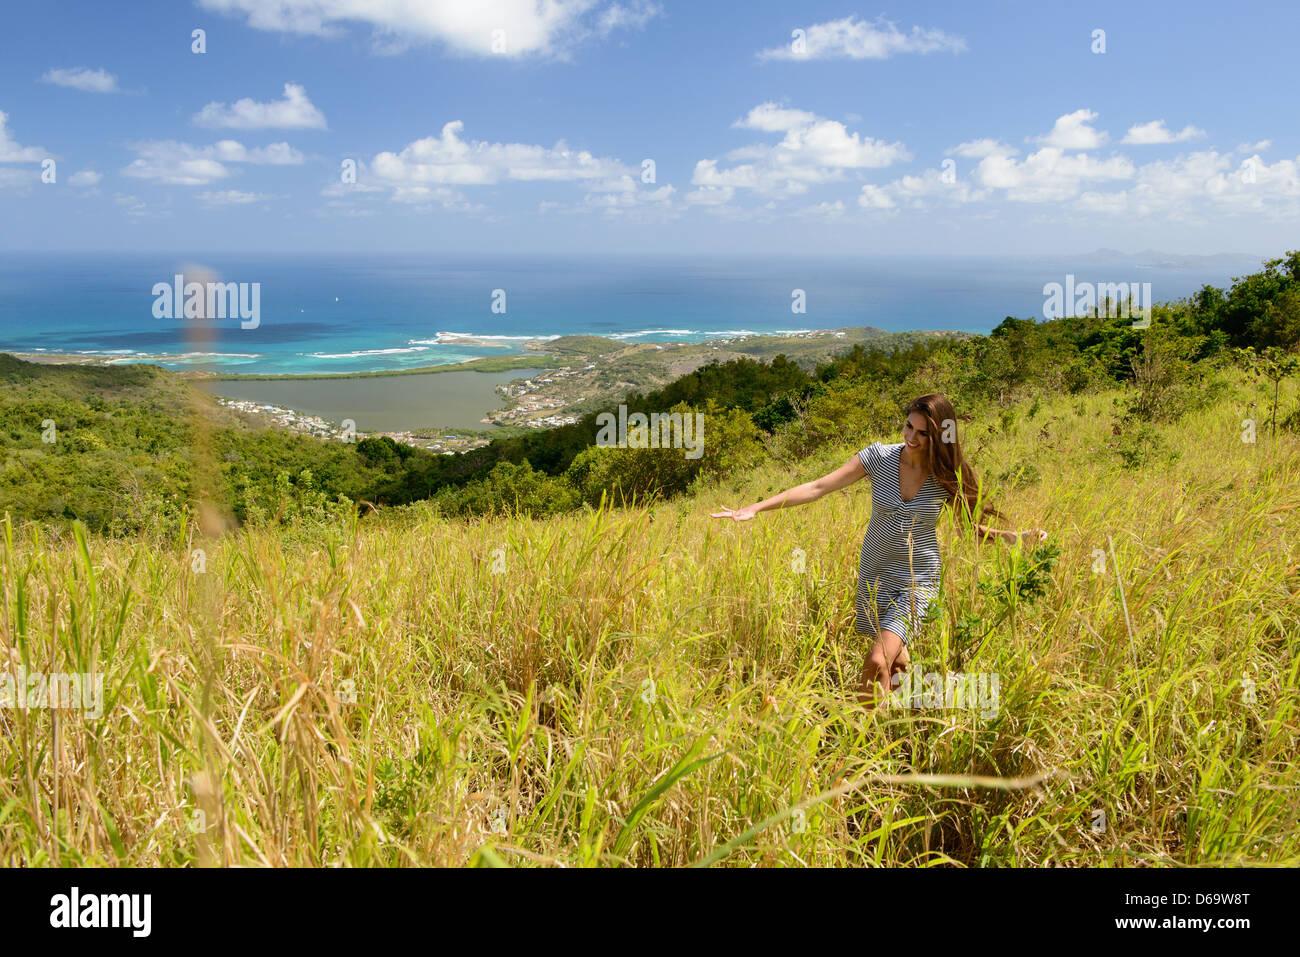 Frau zu Fuß im Feld hohem Gras Stockfoto